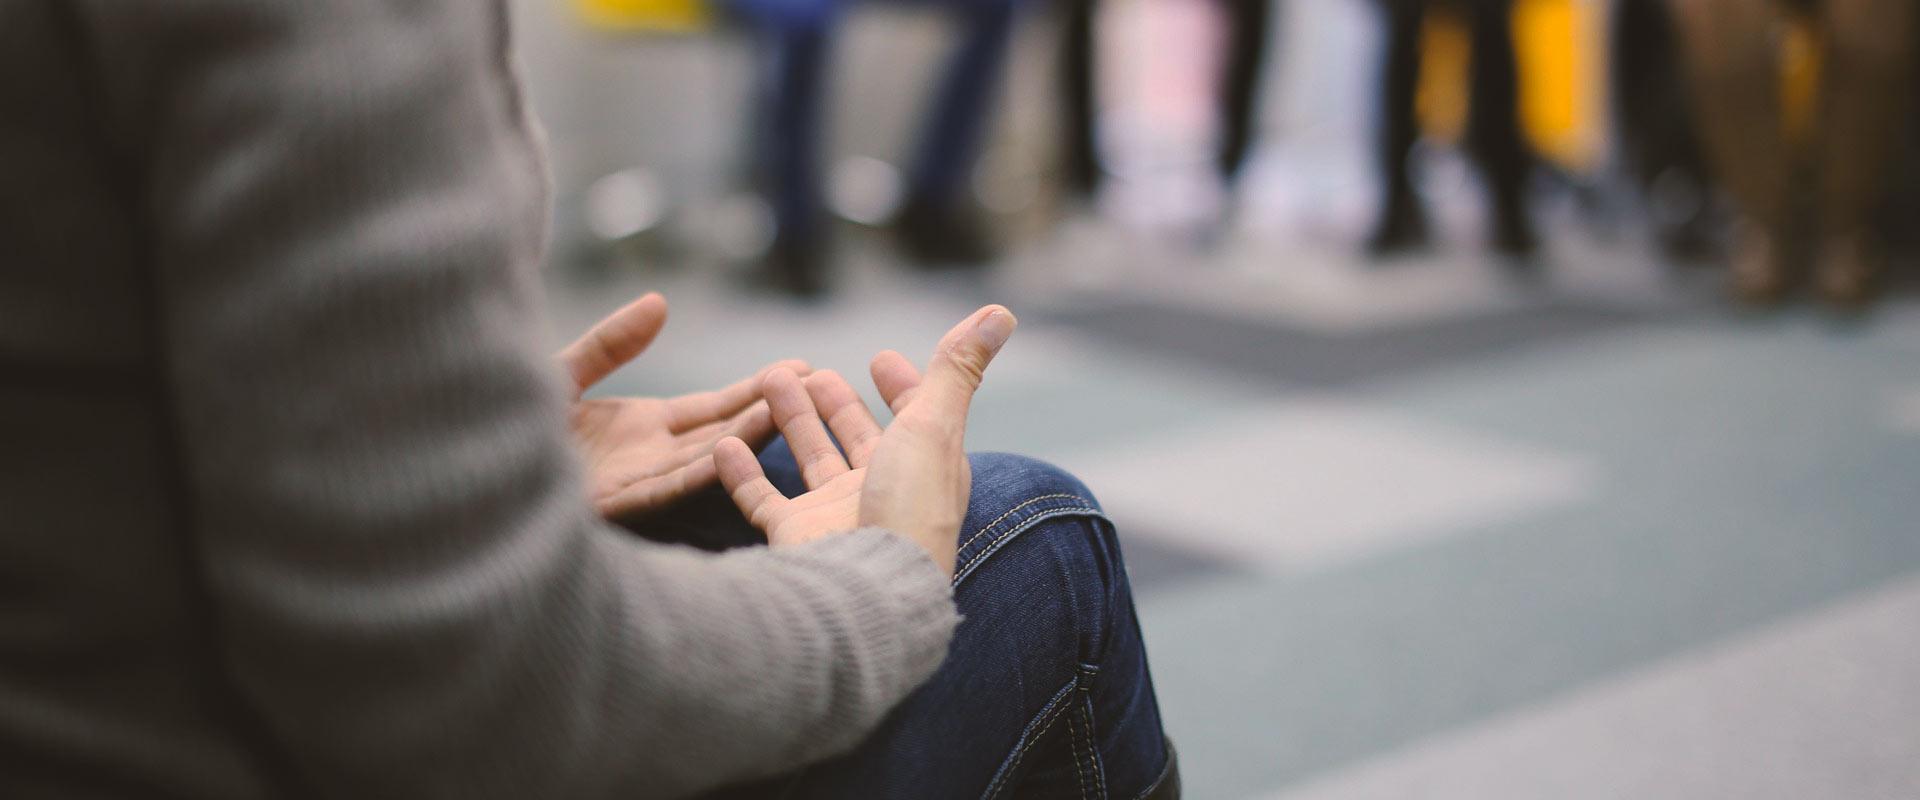 grupos para familias con personas con enfermedad mental